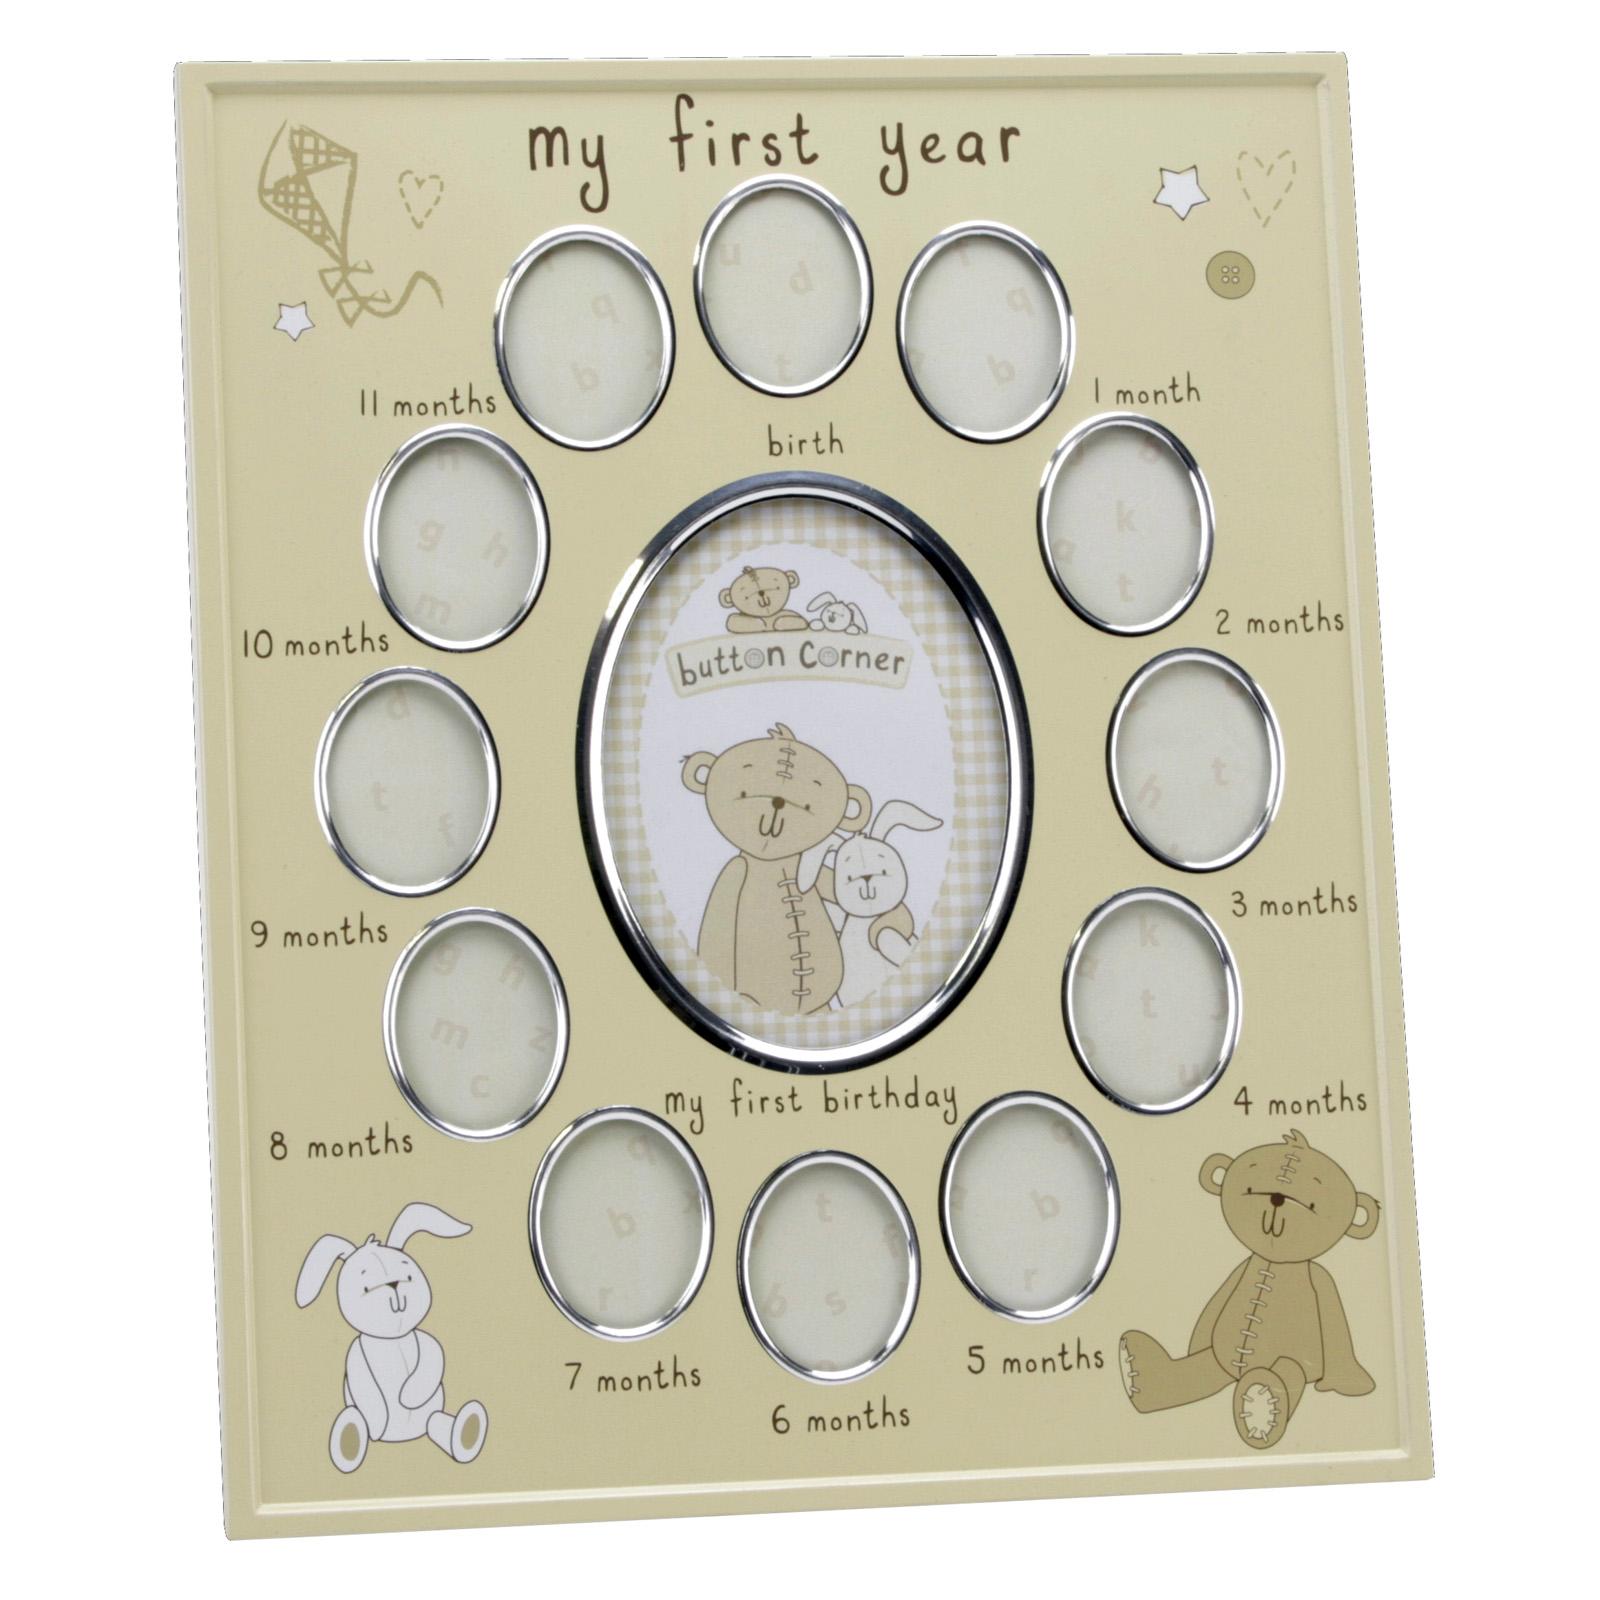 Babys Mein erstes Jahr Bilderrahmen - Button Corner - Aluminium Baby ...